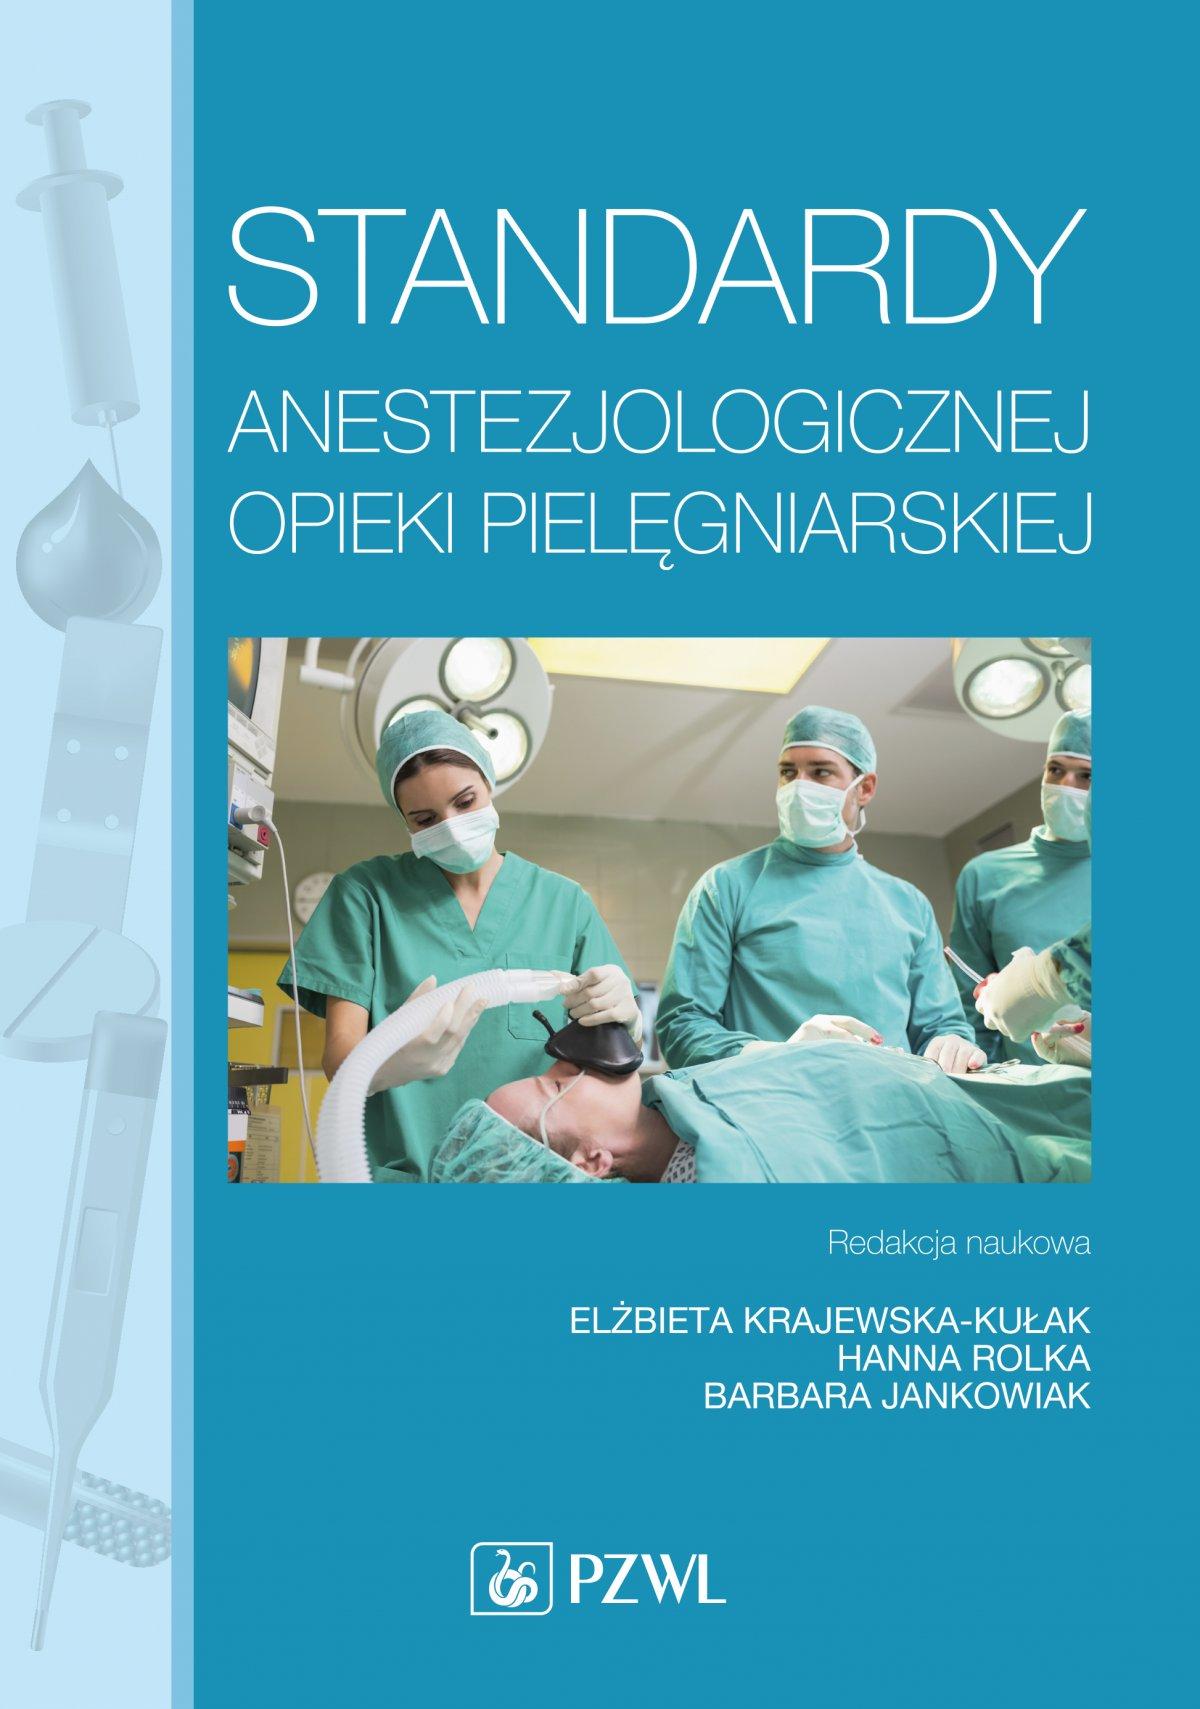 Standardy anestezjologicznej opieki pielęgniarskiej - Ebook (Książka na Kindle) do pobrania w formacie MOBI